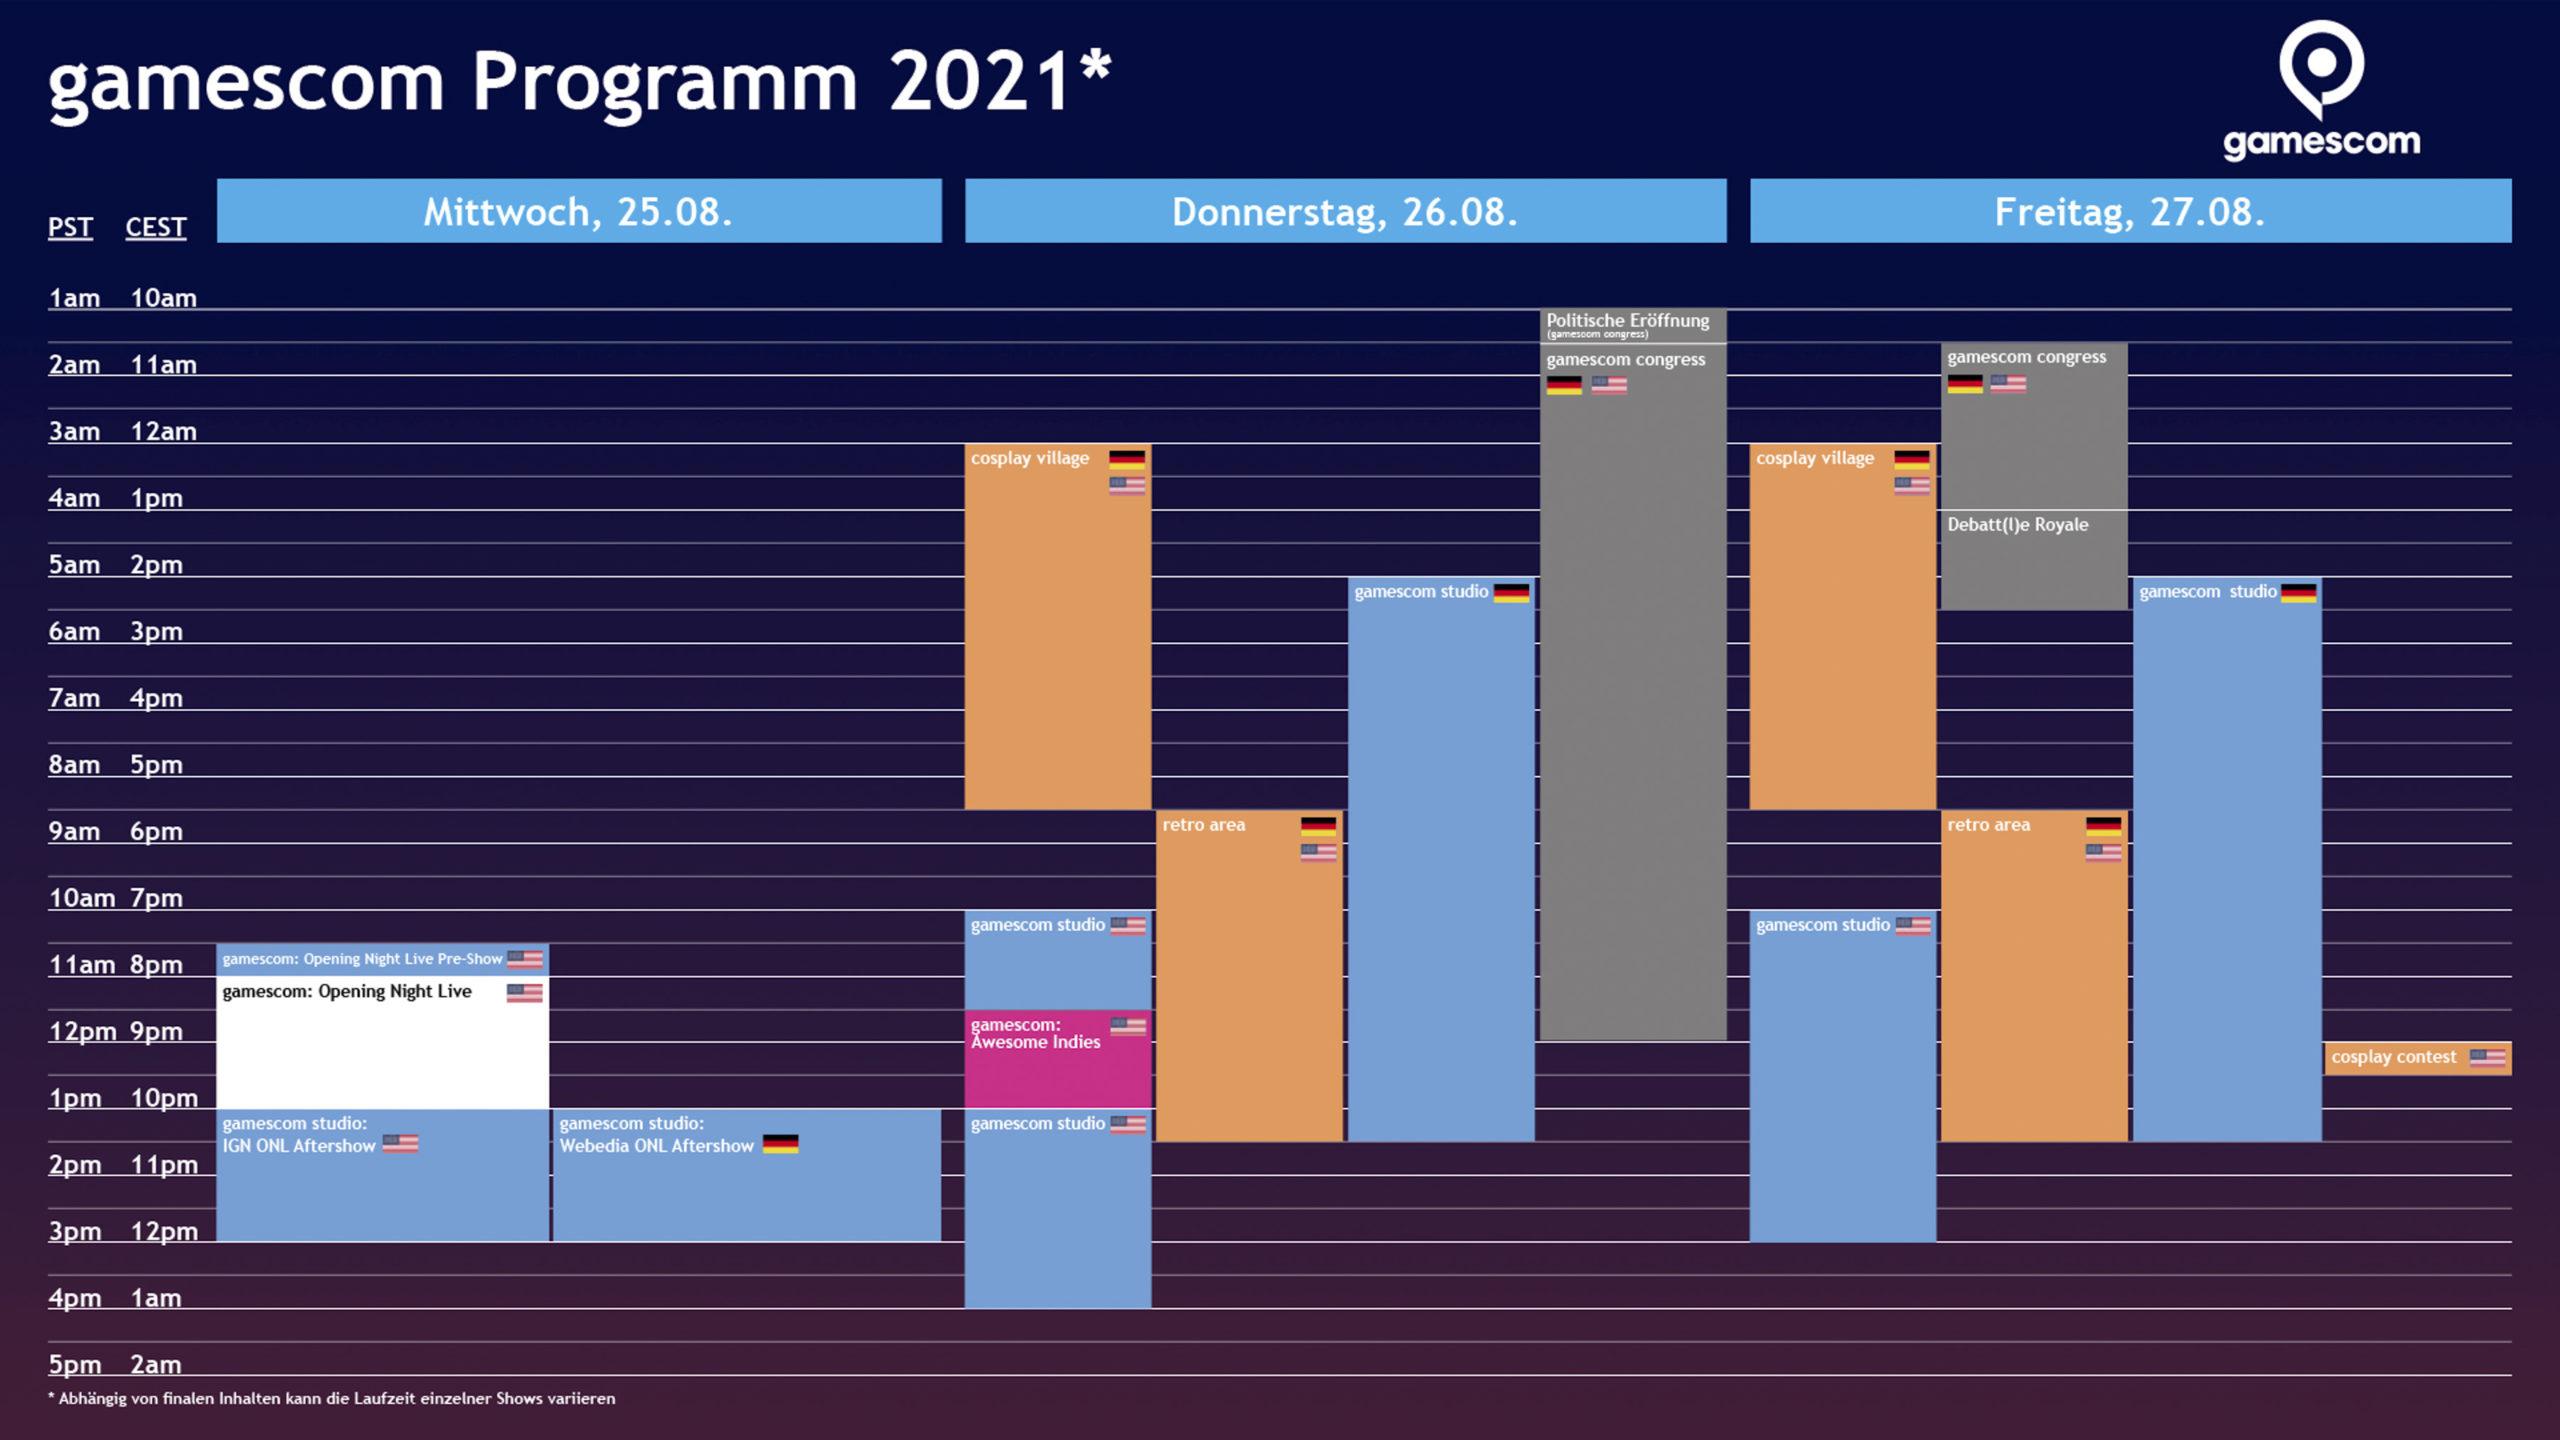 gamescom 2021 - Programmübersich